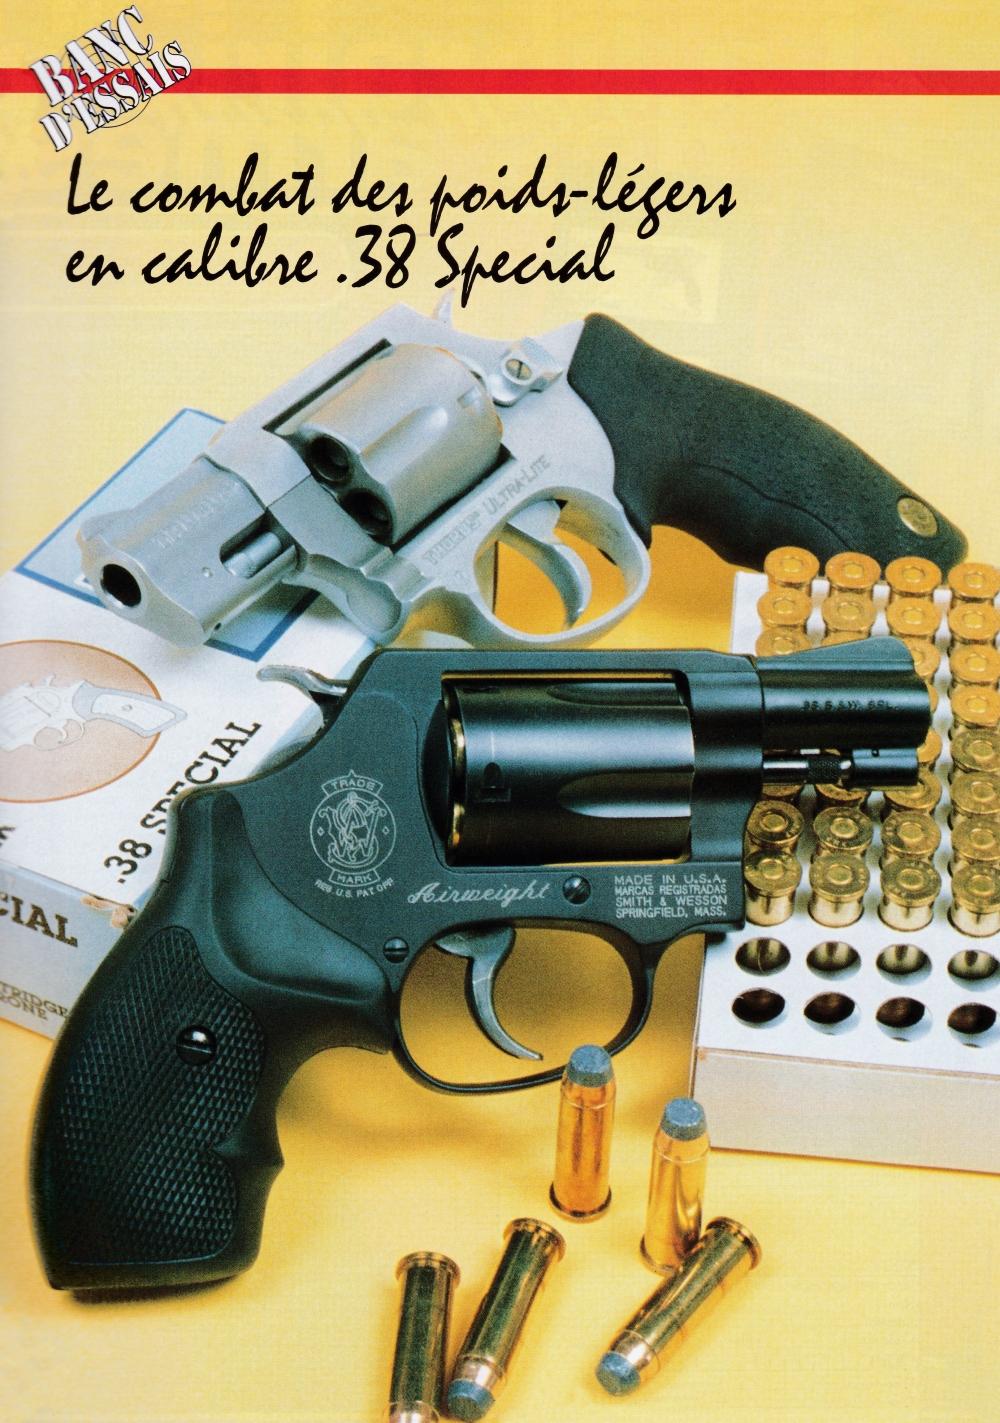 Ces deux revolvers de poche se démarquent d'emblée par leur finition : satinée noire pour le Smith & Wesson « Arweight » et satinée blanche pour le Tarus « Ultra-Lite ».